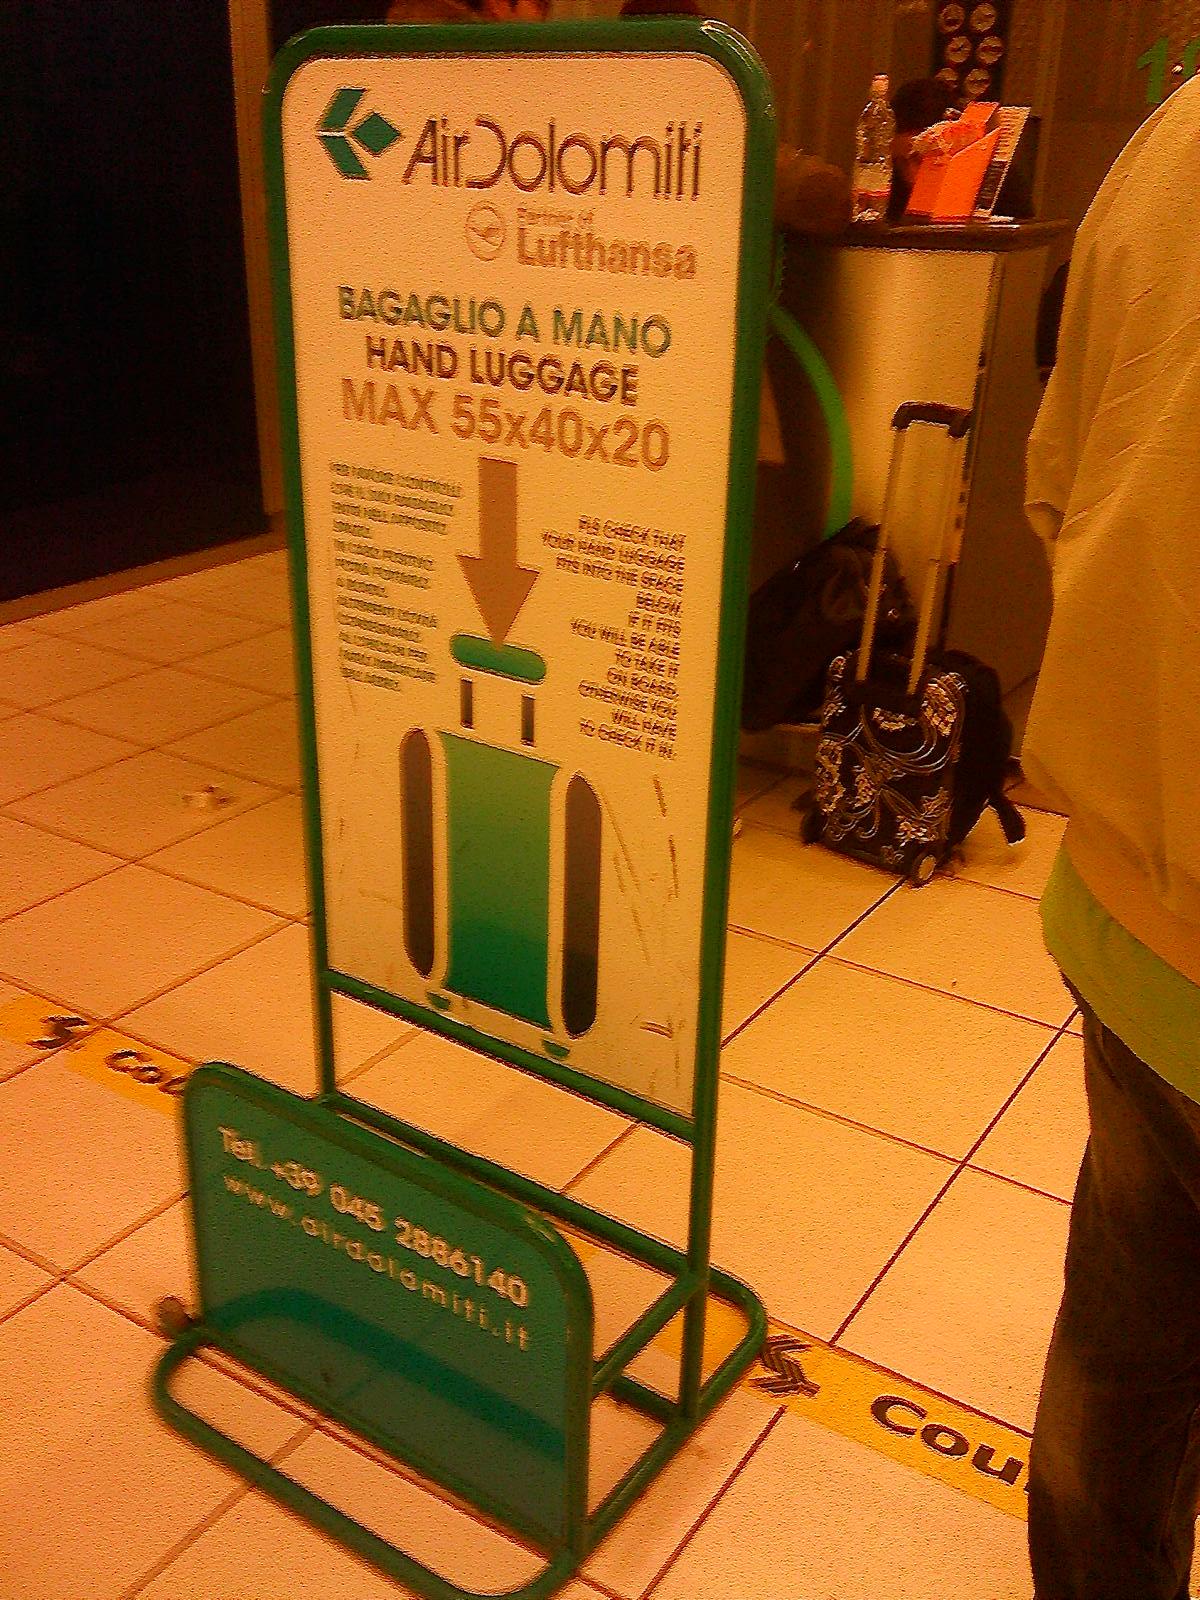 Ограничения по багажу авиакомпании Air Dolomiti